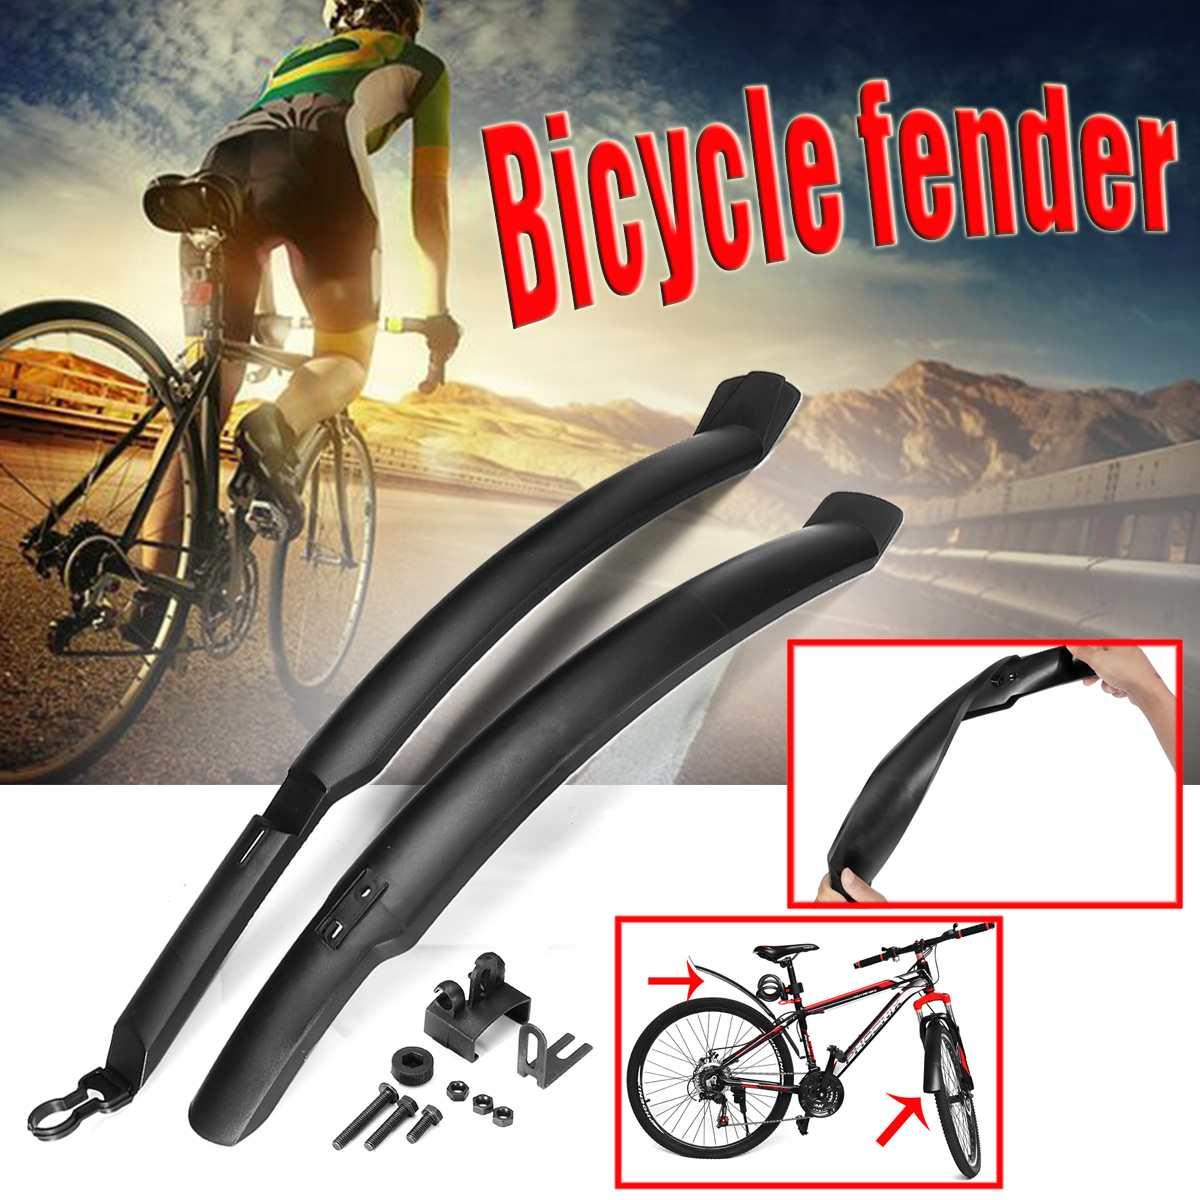 2 Bicycle F-enders Mountain Bike F-enders Set F-enders Bicycle F-ender Wing F-en